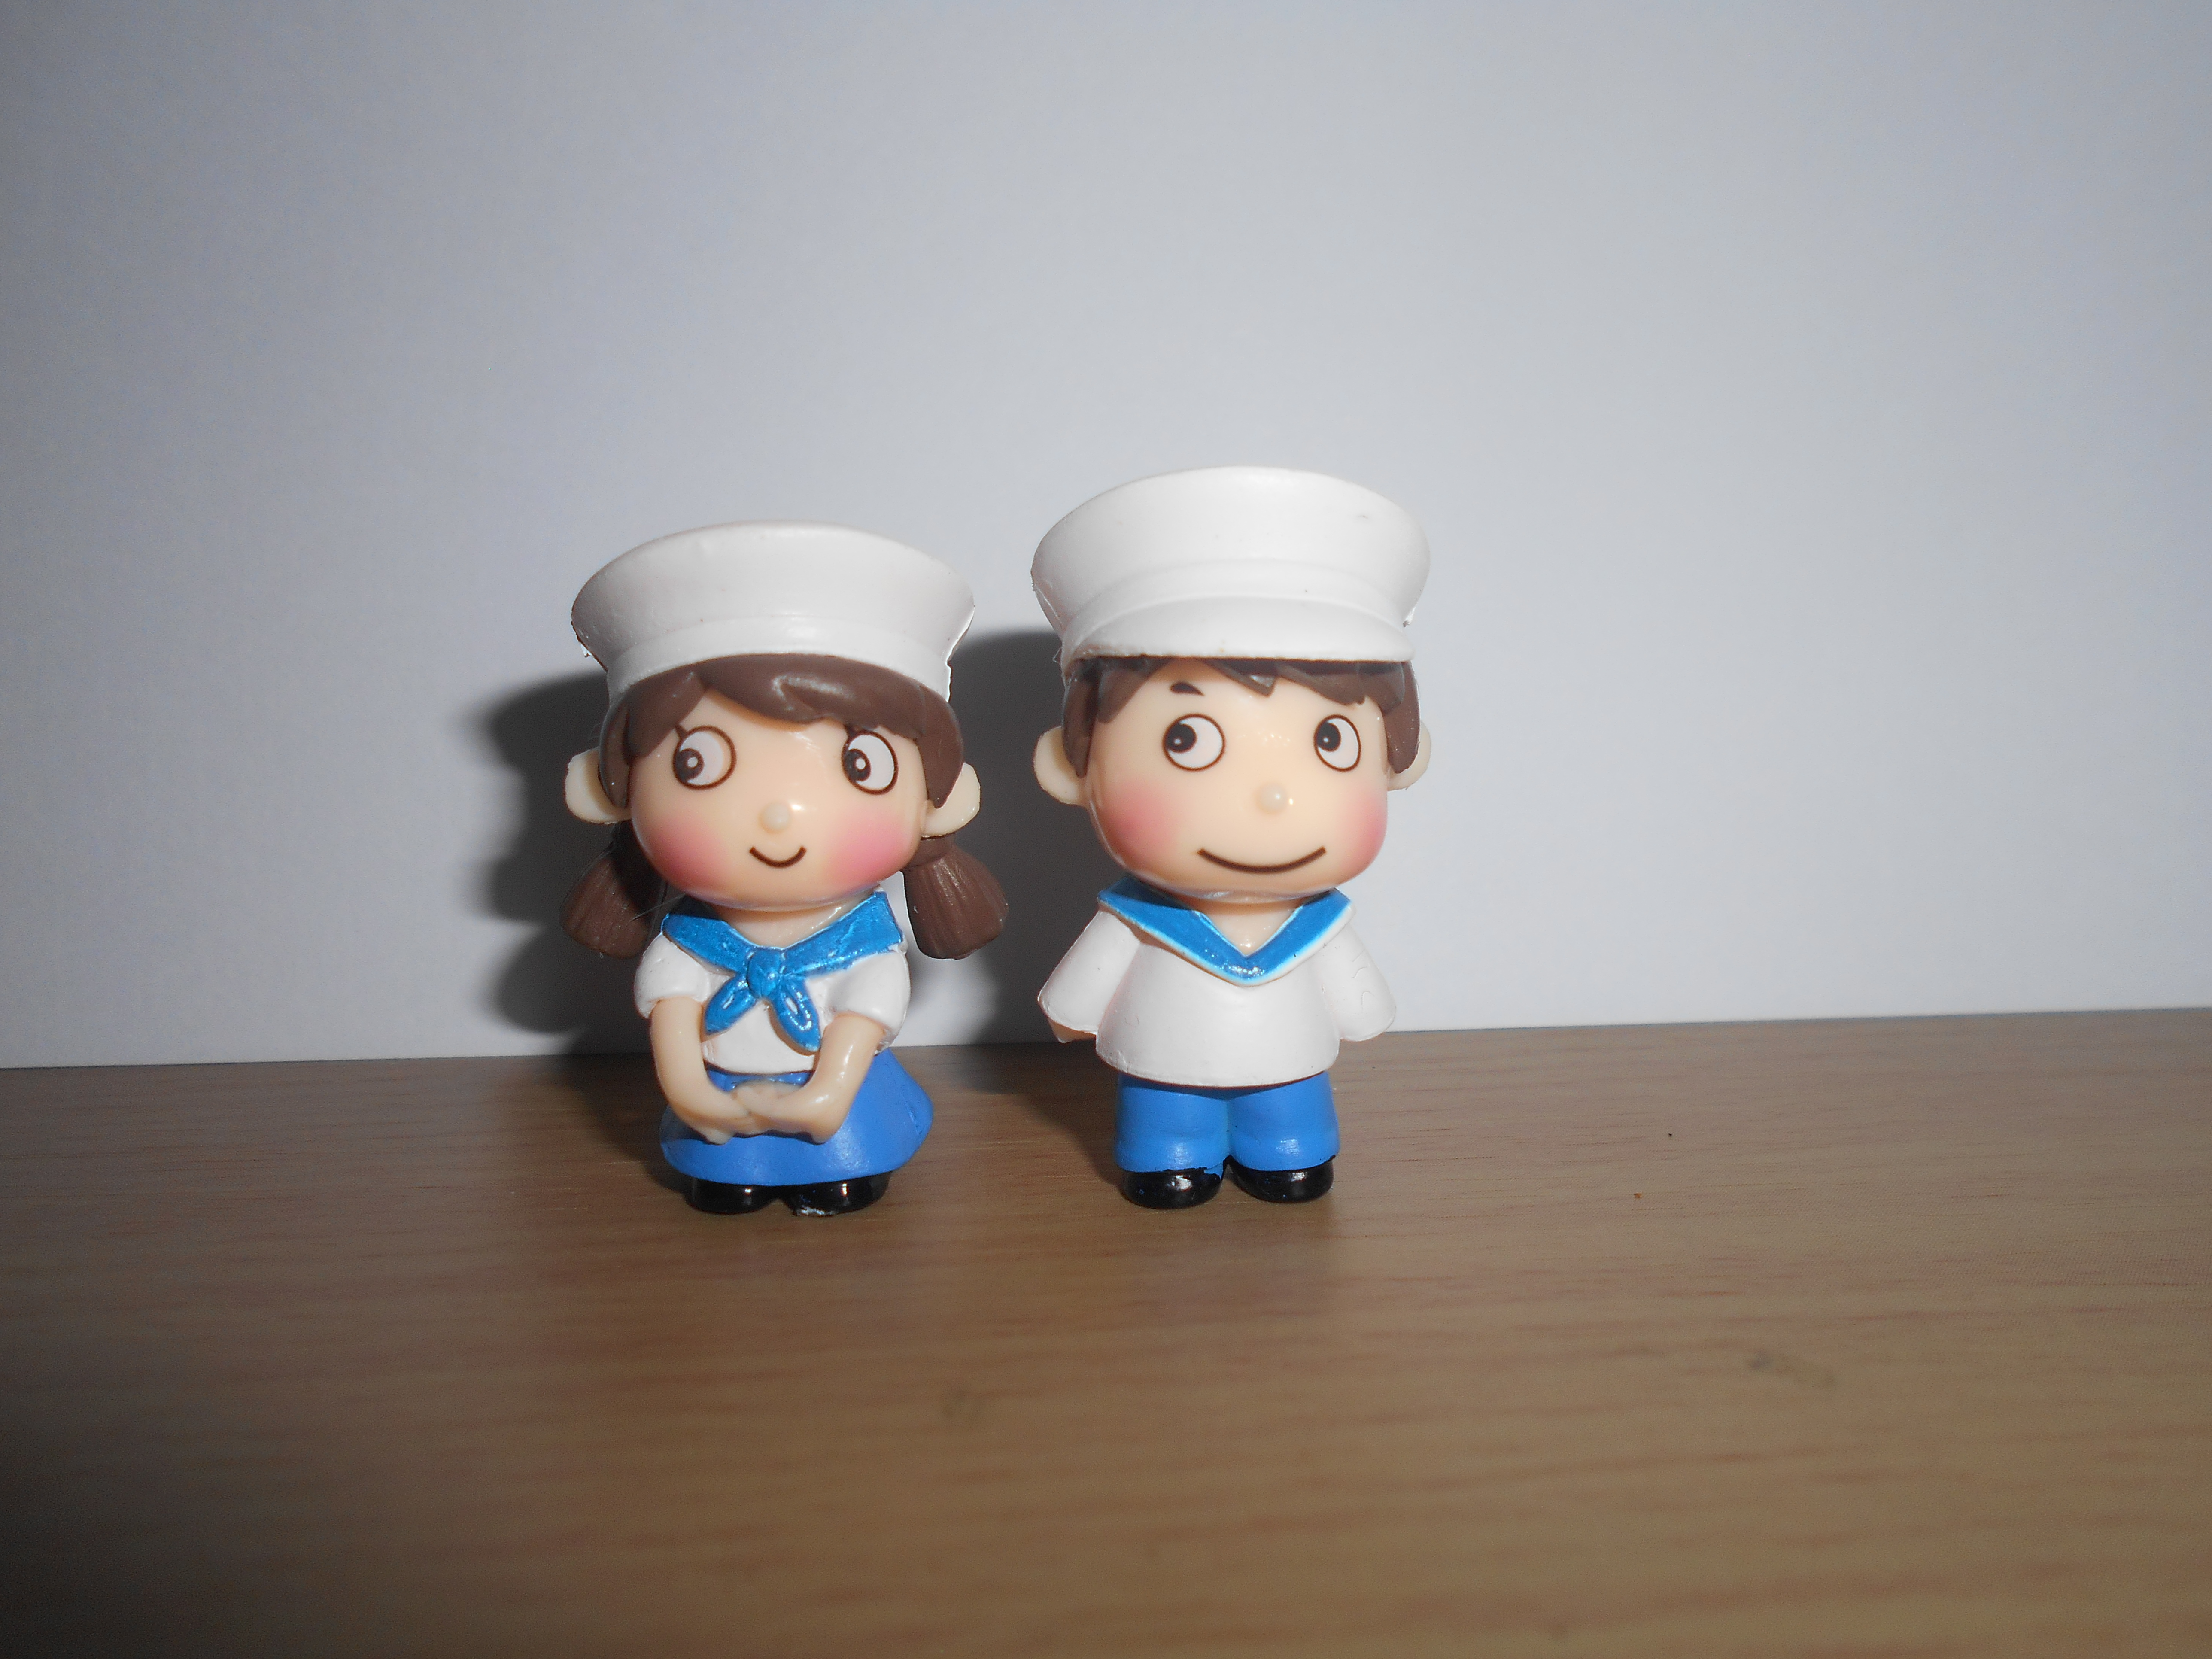 ตุ๊กตาเด็กทหารเรือคู่ สีขาว&ฟ้า